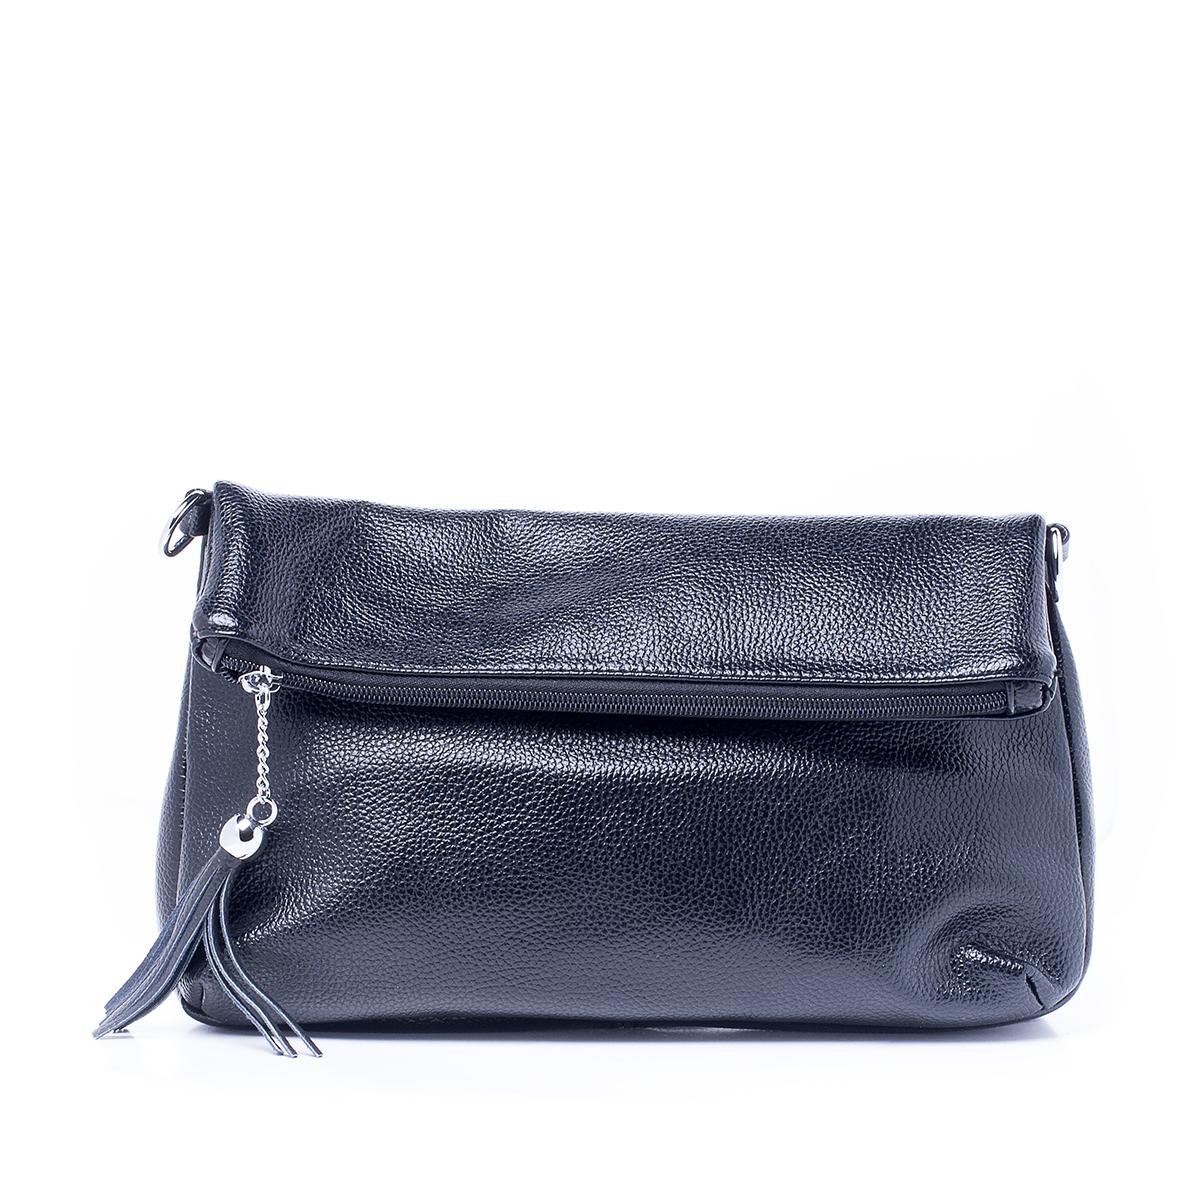 Сумка женская Renee Kler, цвет: черный. RK512-01RK512-01Стильная женская сумка Renee Kler изготовлена из искусственной кожи. Изделие имеет одно основное отделение, которое закрывается на застежку-молнию. Внутри расположены два накладных открытых кармана и прорезной карман на застежке-молнии. Снаружи, на задней стенке находится прорезной карман на застежке-молнии. Сумка оснащена съемным регулируемым плечевым ремнем. Роскошная сумка внесет элегантные нотки в ваш образ и подчеркнет ваше отменное чувство стиля.